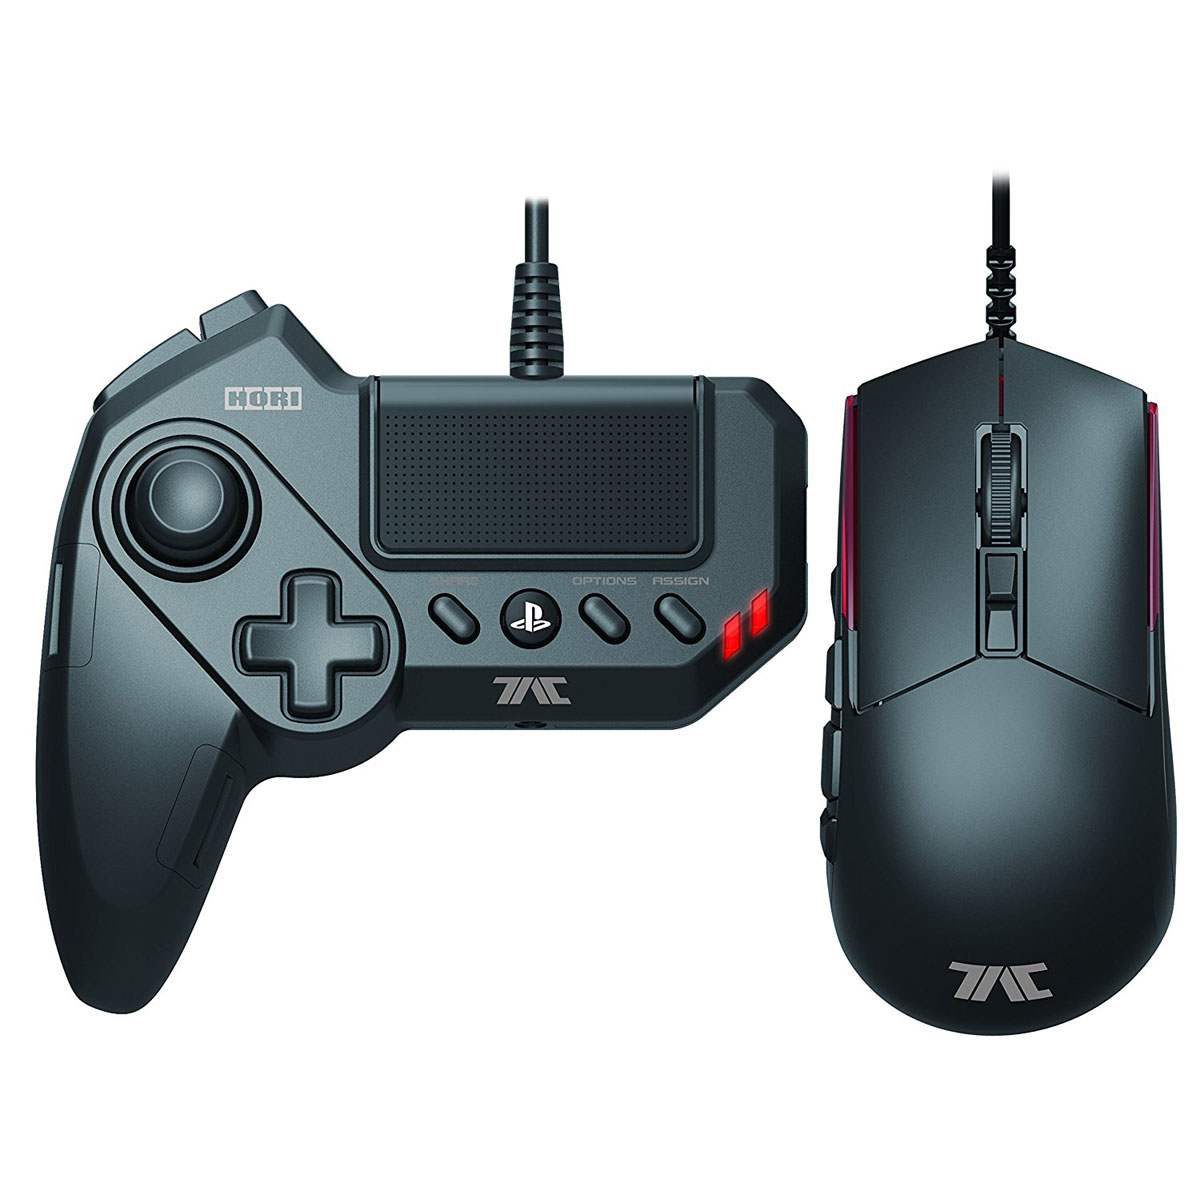 Accessoires PS4 Hori Tactical Assault Commander Grip (PS3/PS4) Manette + souris optique pour PS3 et PS4